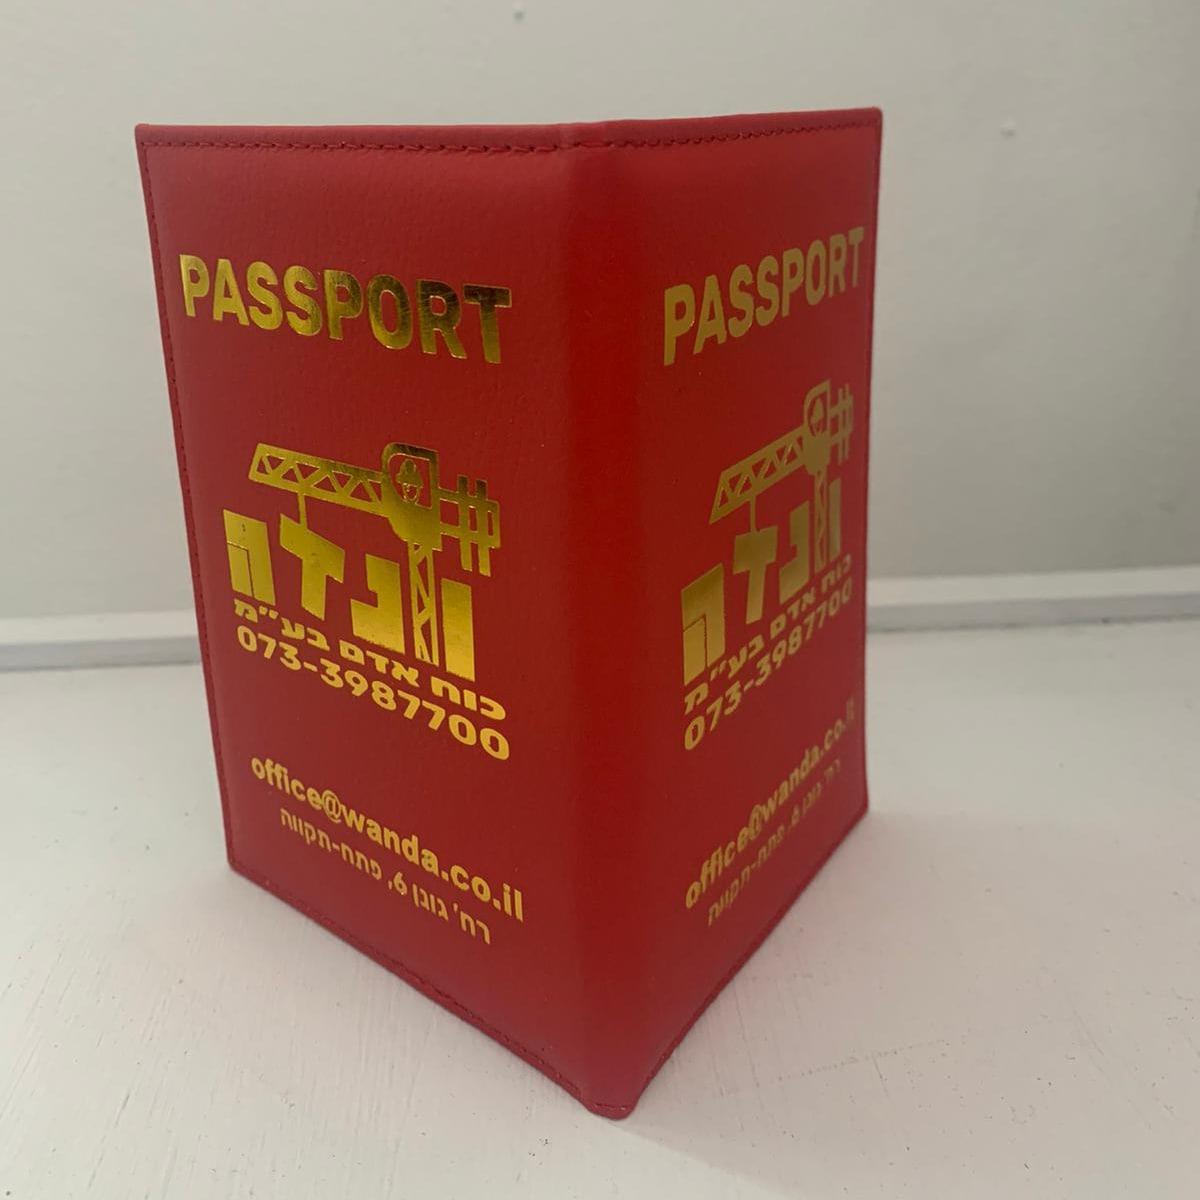 כיסוי דרכון מודפס | כיסוי מעוצב לדרכון | כיסוי דרכון ממותג